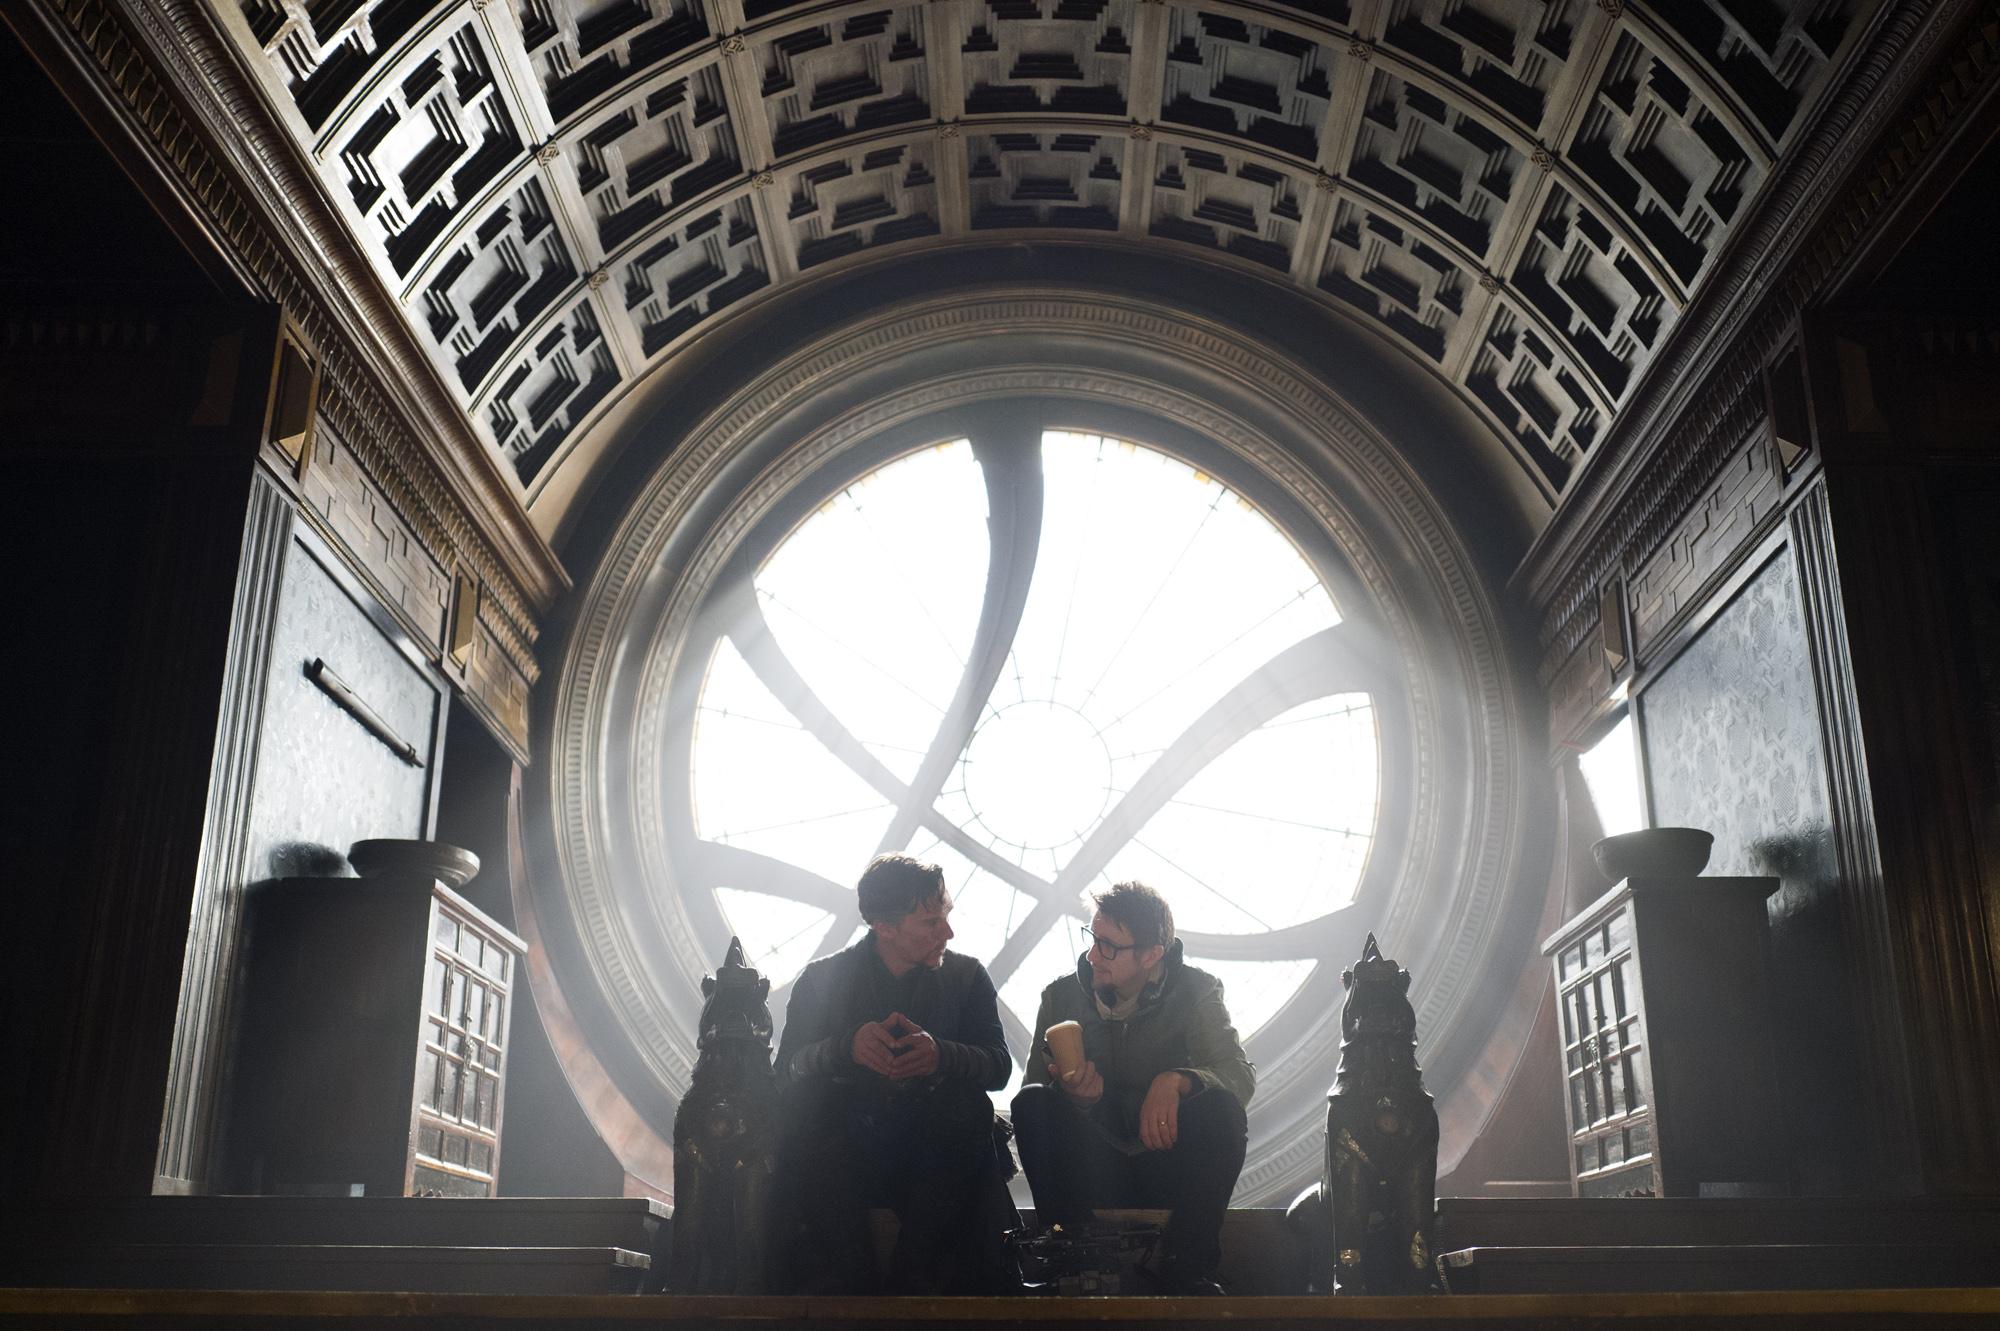 Cumberbatch with Derrickson!